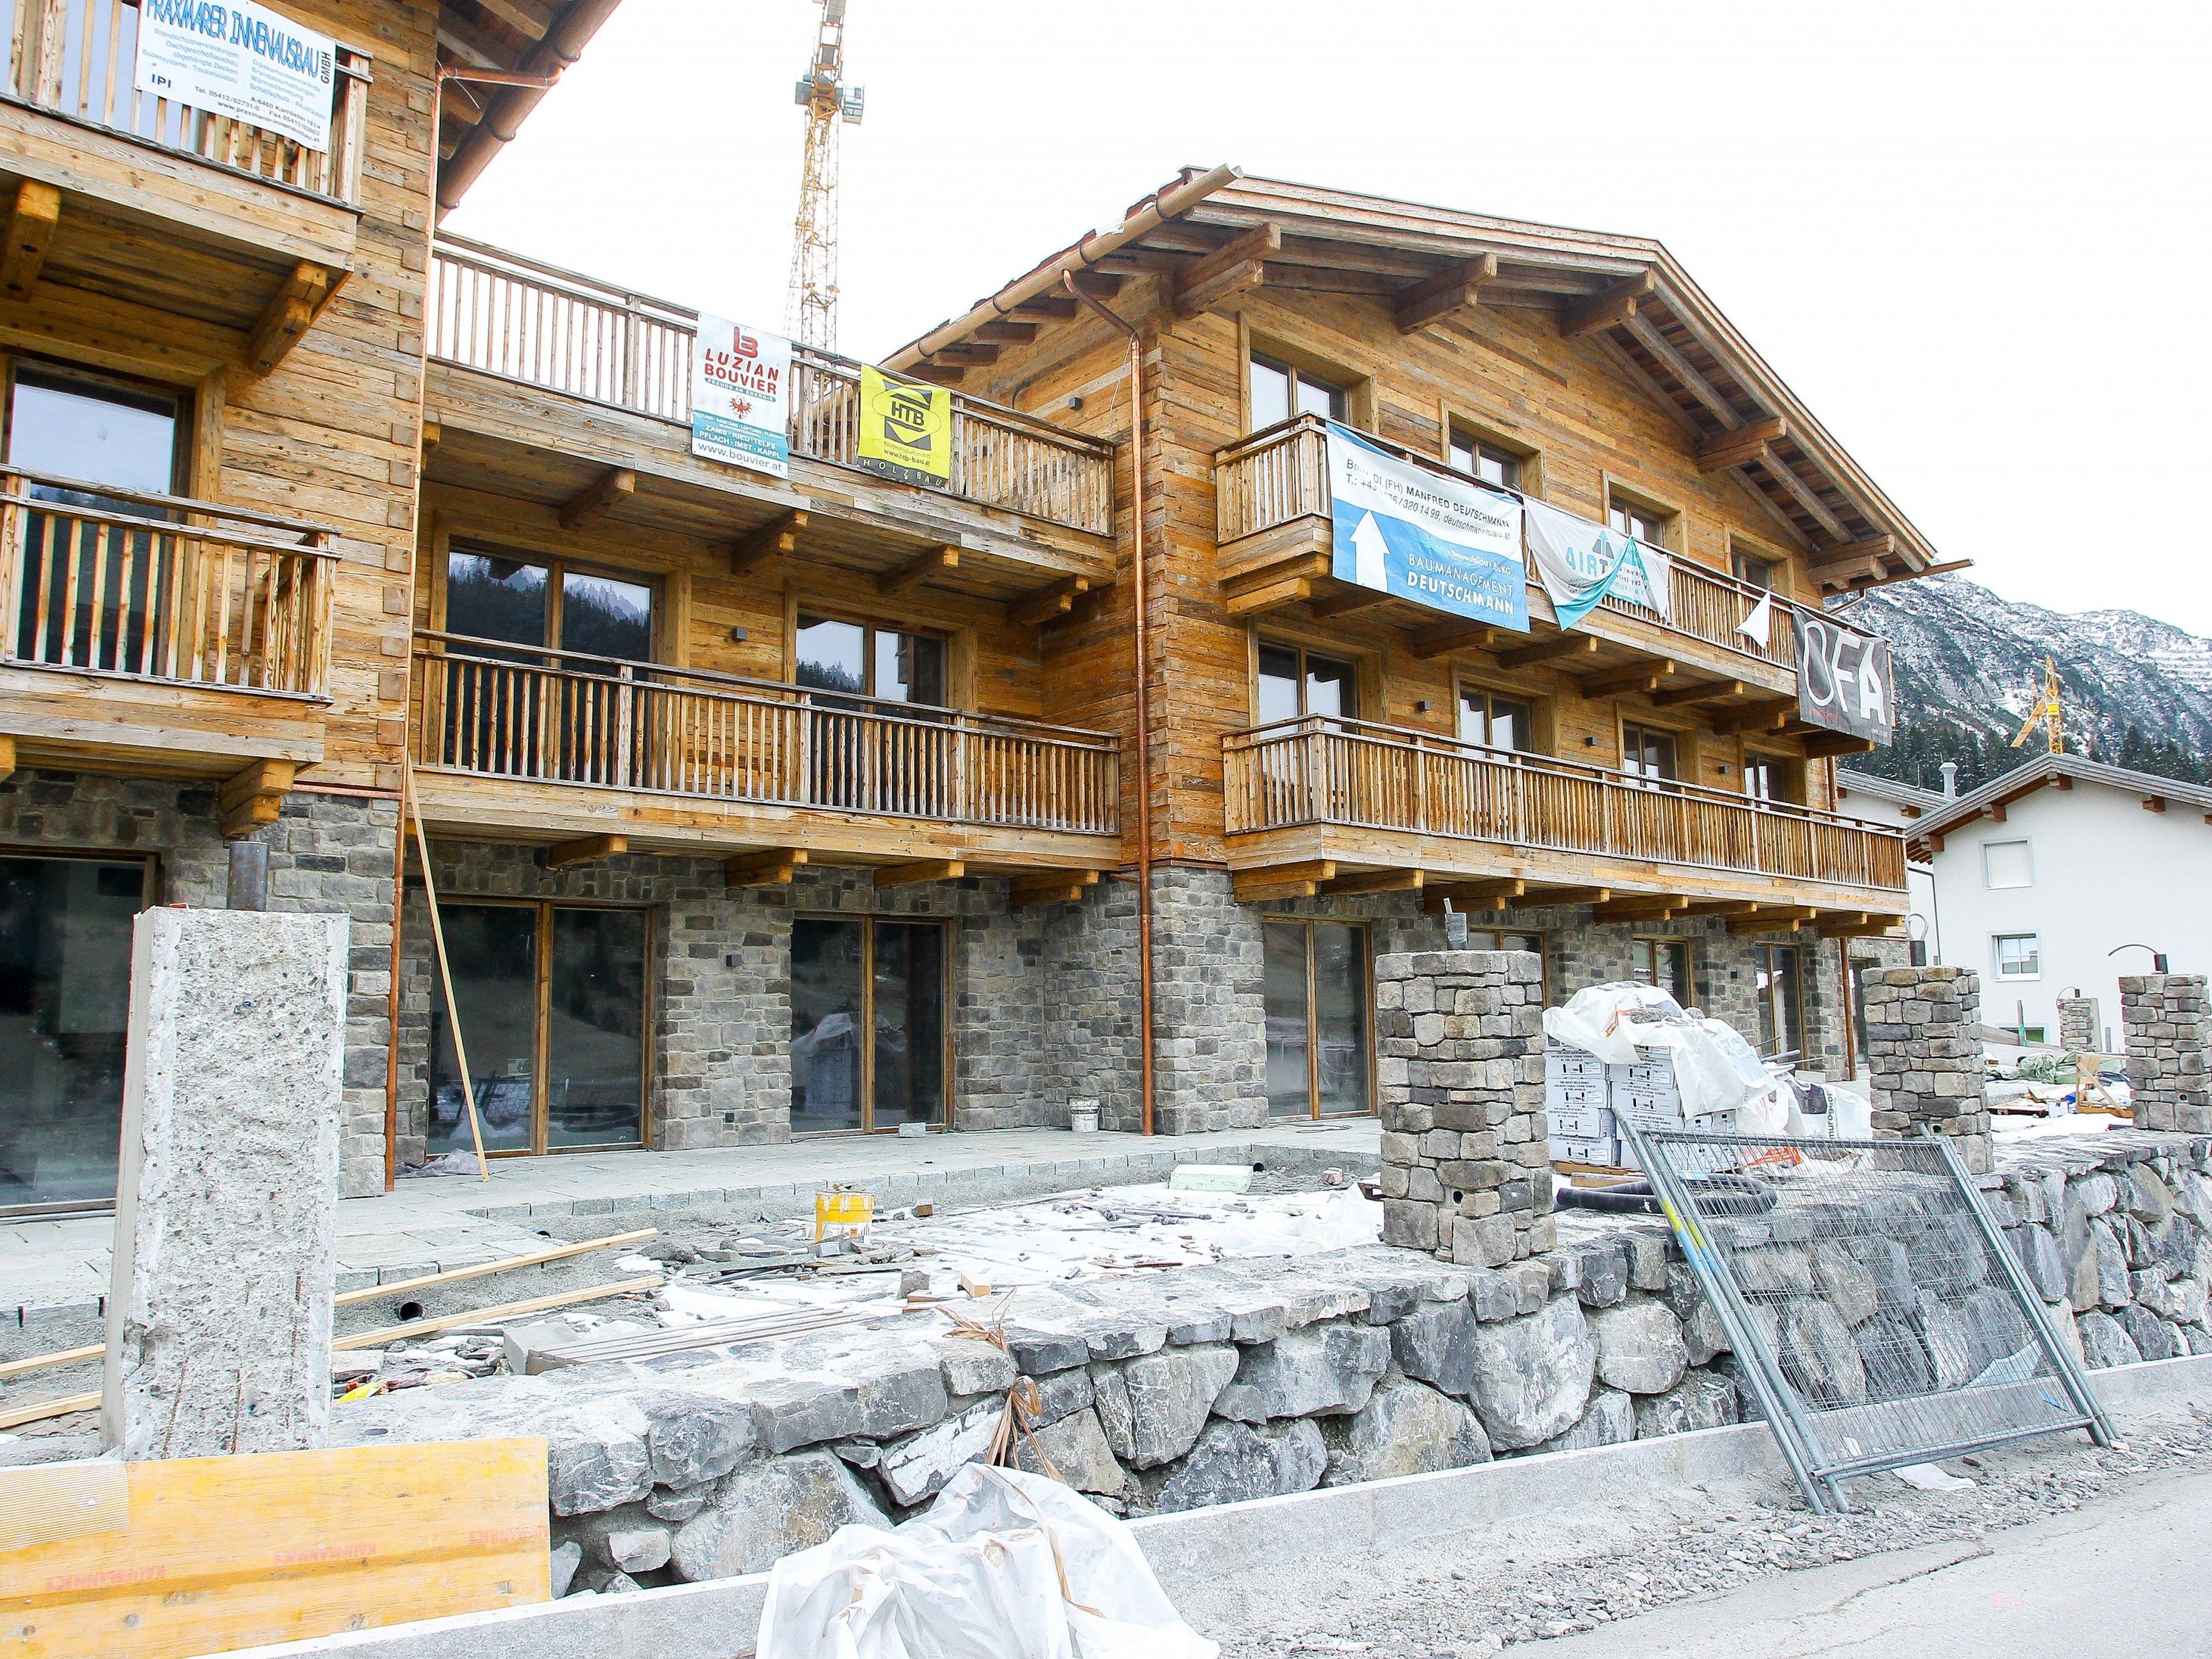 Die Bauarbeiten in Lech könnten bald fortgesetzt werden.